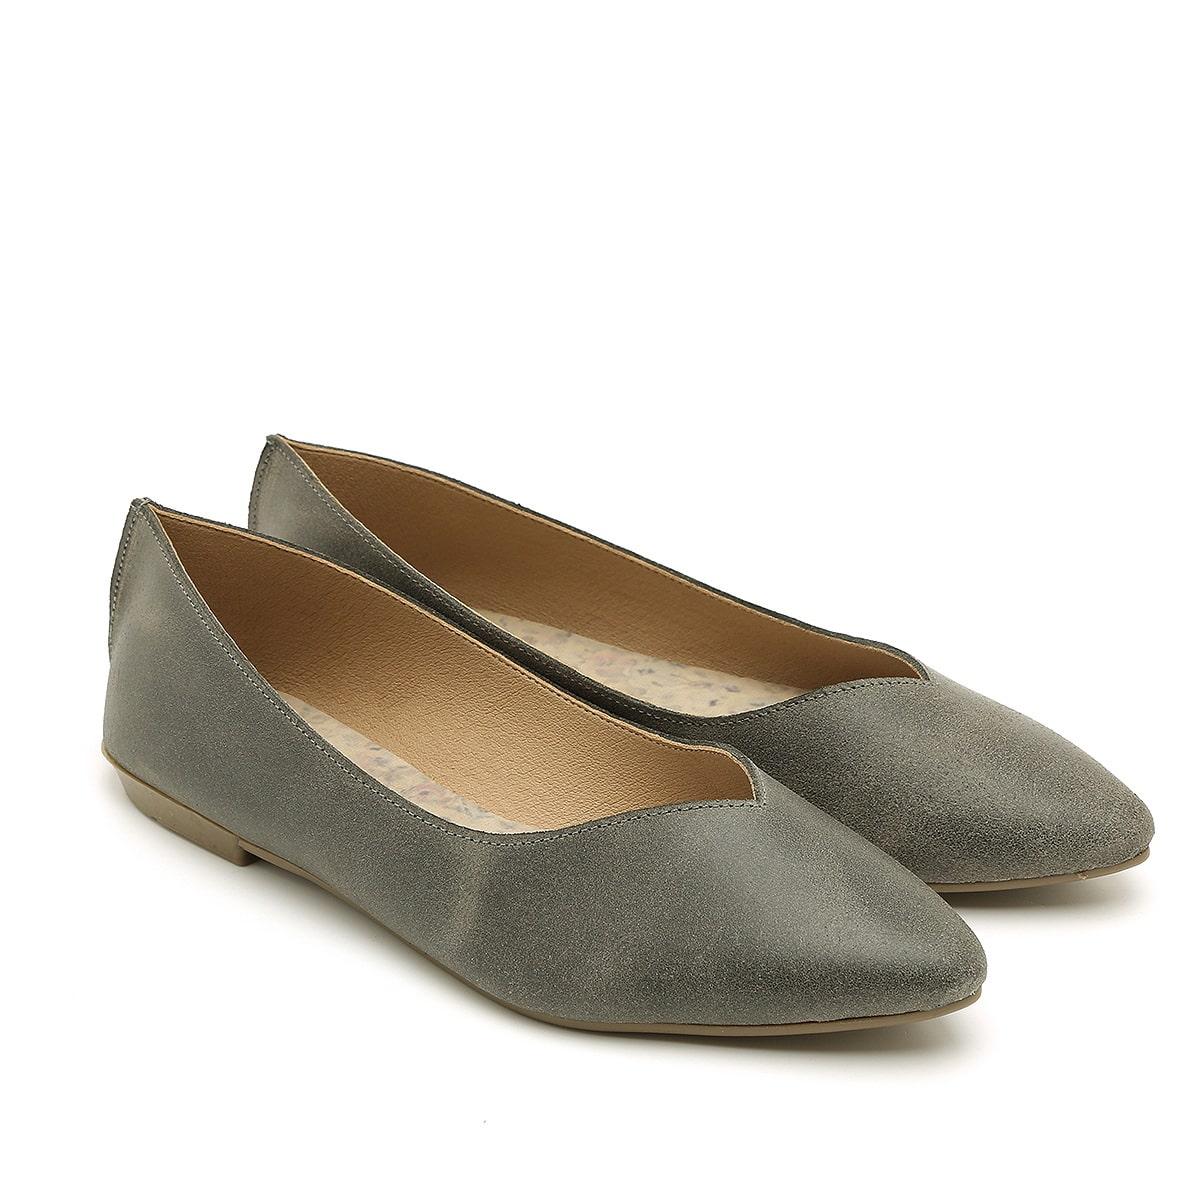 דגם מיכל: נעלי סירה לנשים